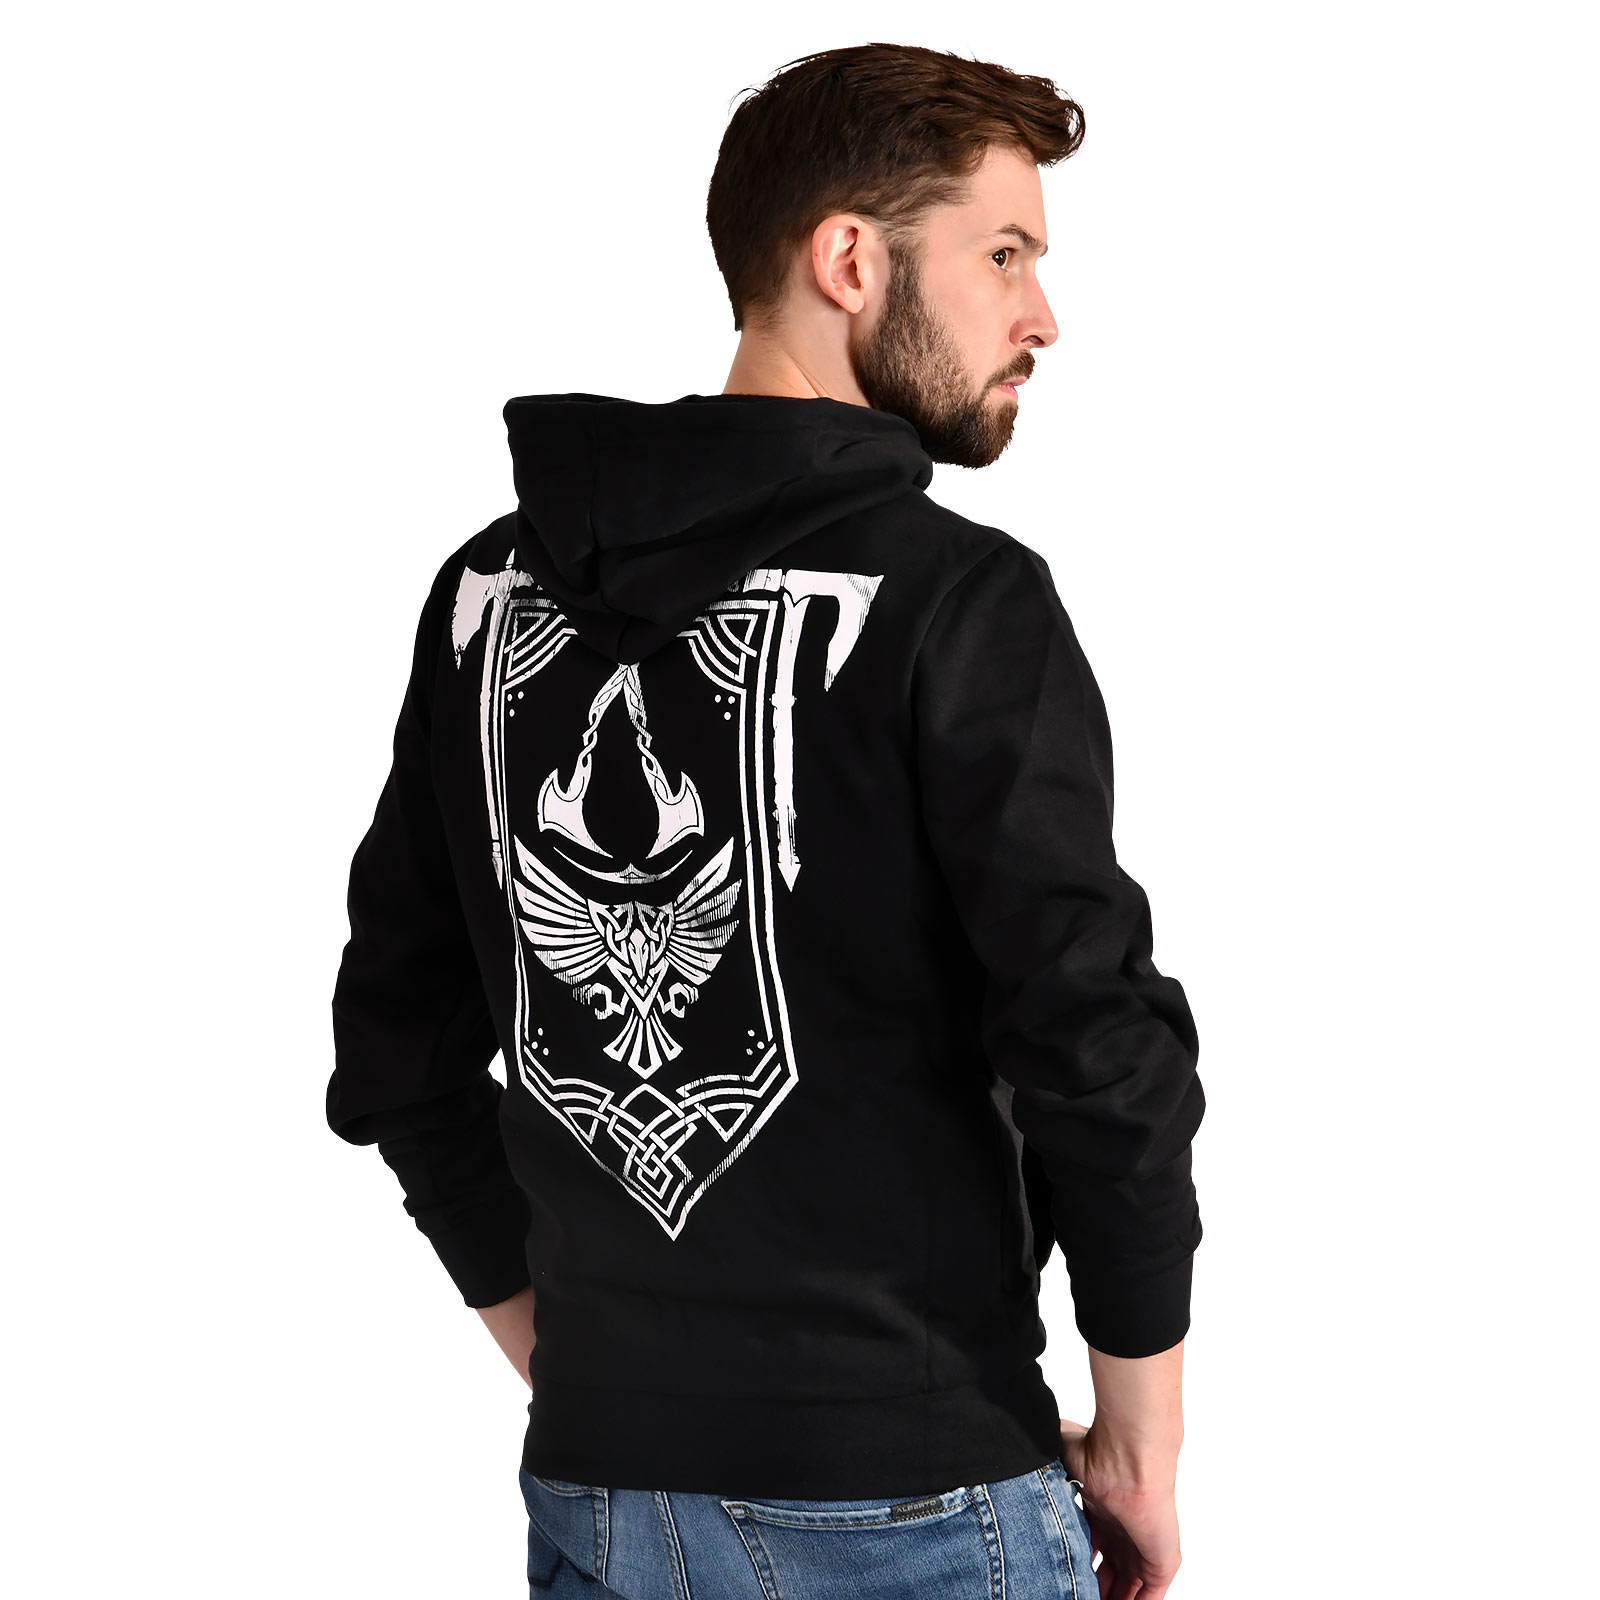 Assassin's Creed - Valhalla Crest Banner Kapuzenjacke schwarz